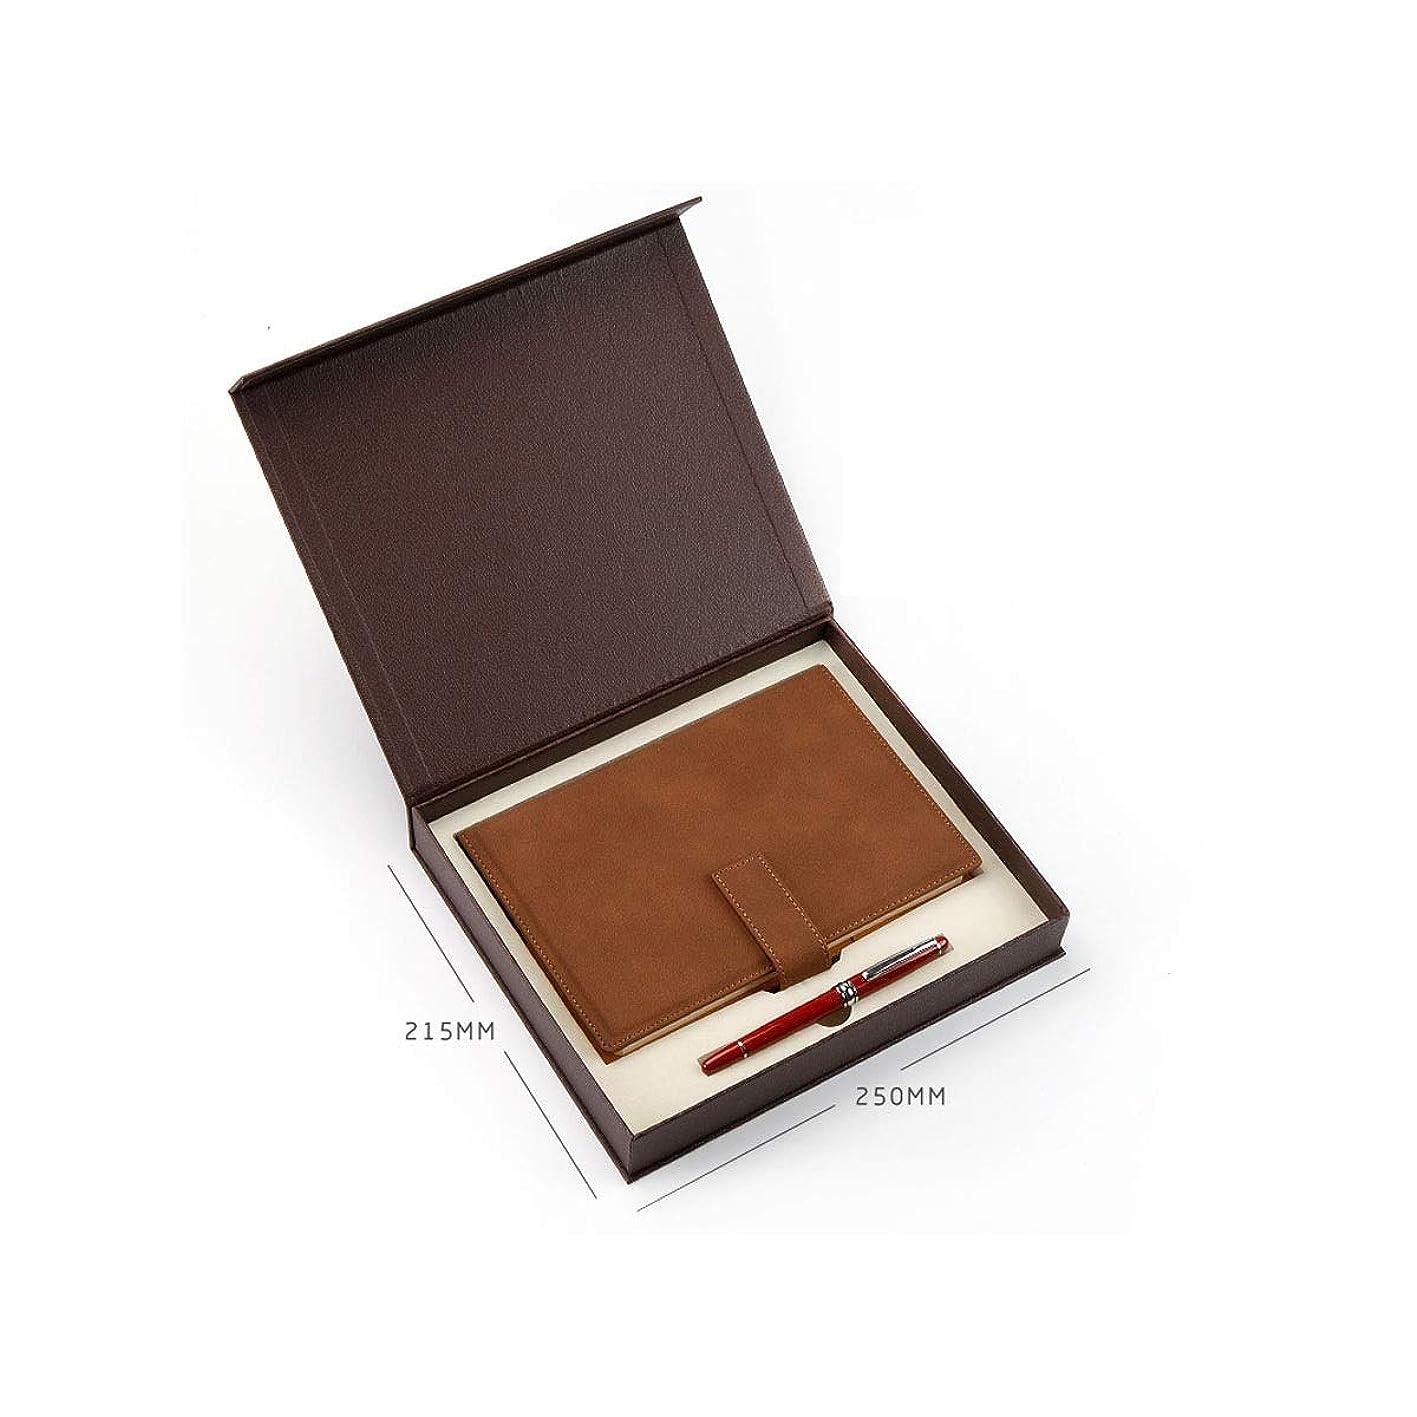 Kuqiqi ギフトノートとペンセットギフトボックス、ノートブックセット、父の日ギフト、メモ帳、ビジネスノート、簡単な大学生のノート、日記、事務用品、ビジネス会議のノート、複数の色 高品質の製品 8 (Style : H)